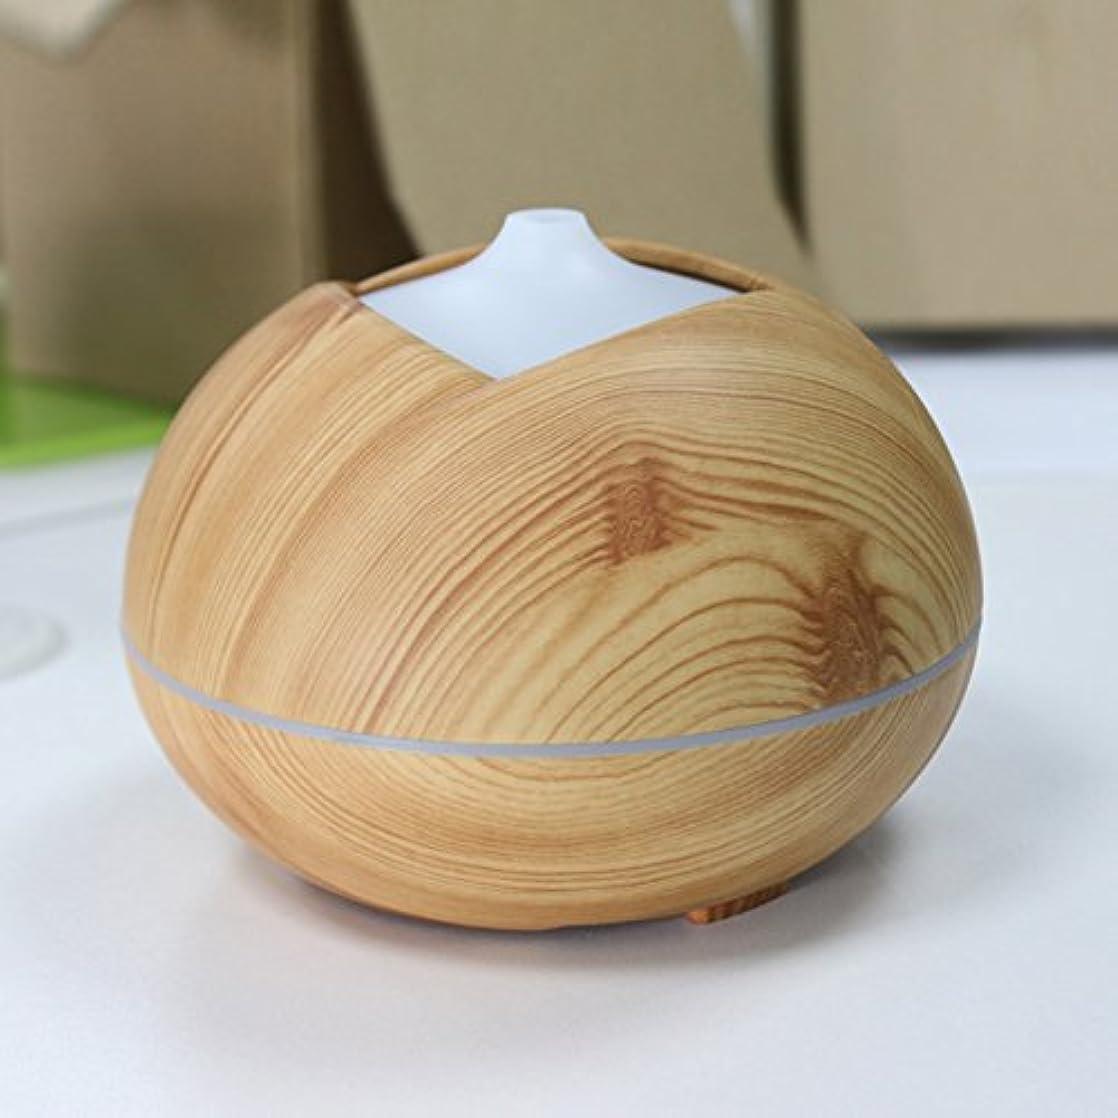 偉業惨めなモーションYiding加湿器木製カラーCool Mist超音波アロマEssential Oil Diffuser for Officeホームベッドルーム